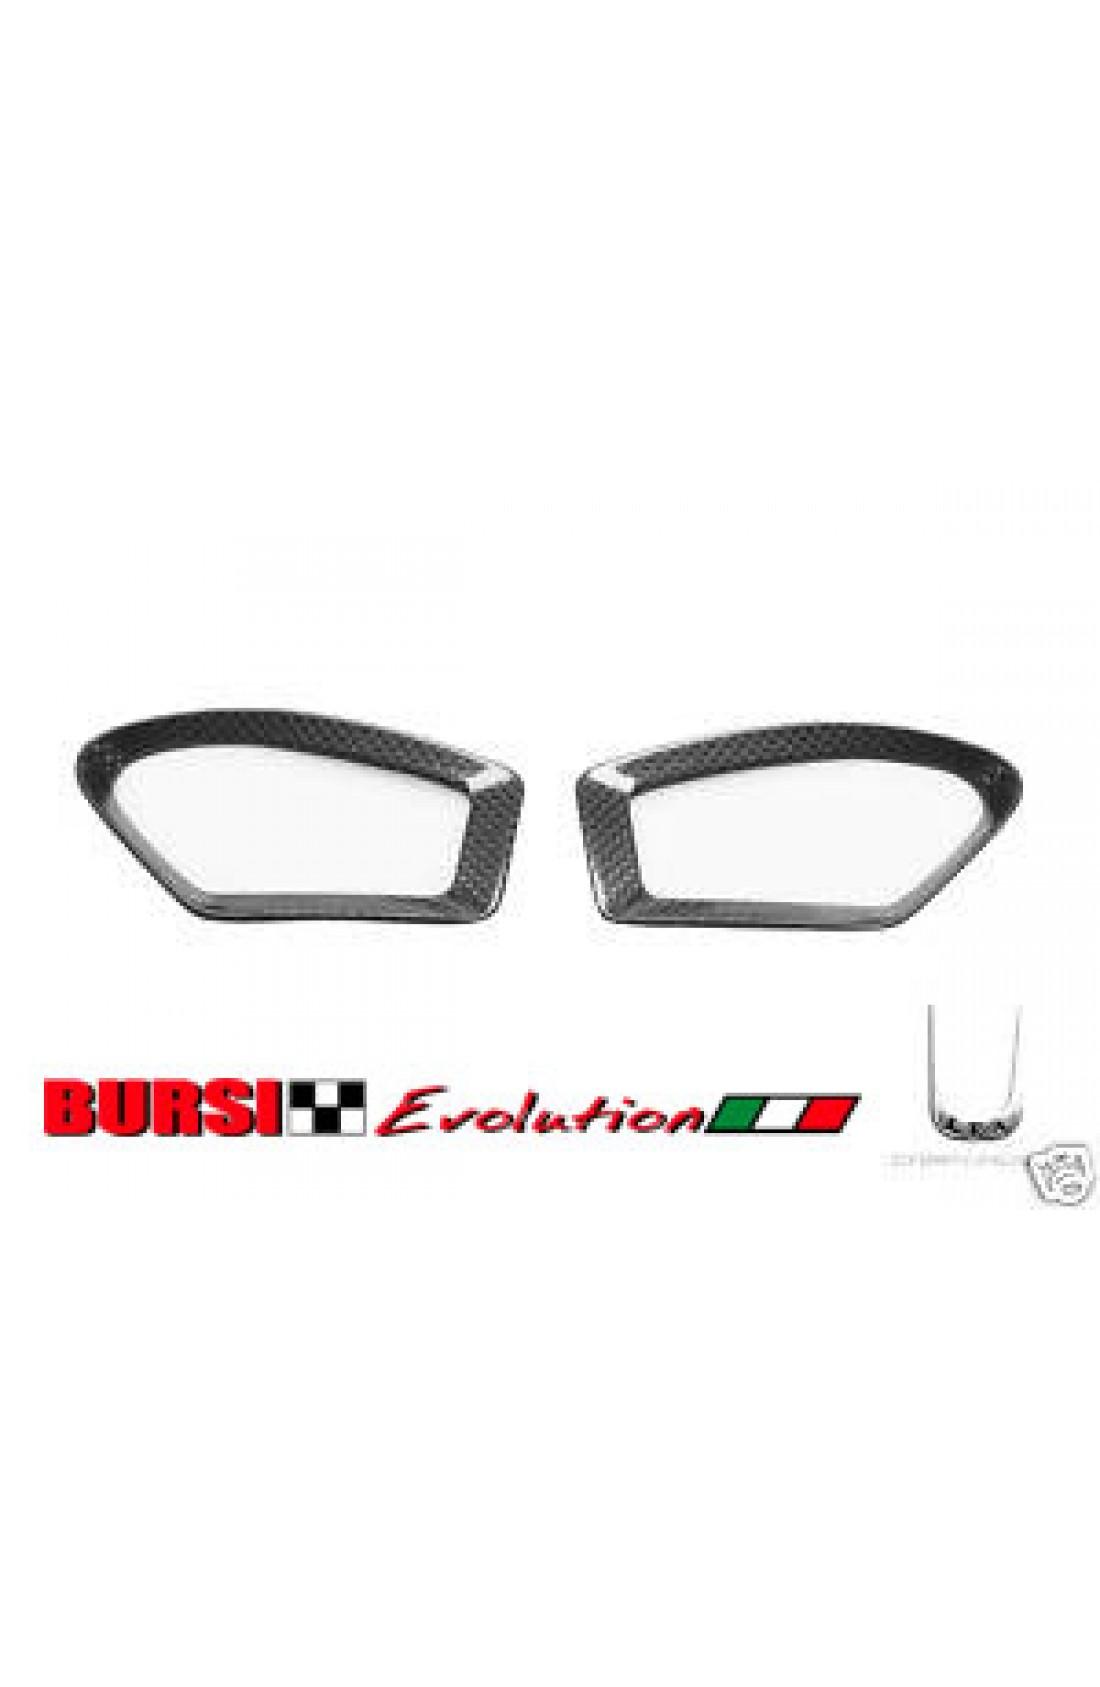 Cover retine serbatoio per Ducati Monster 696 / 1100